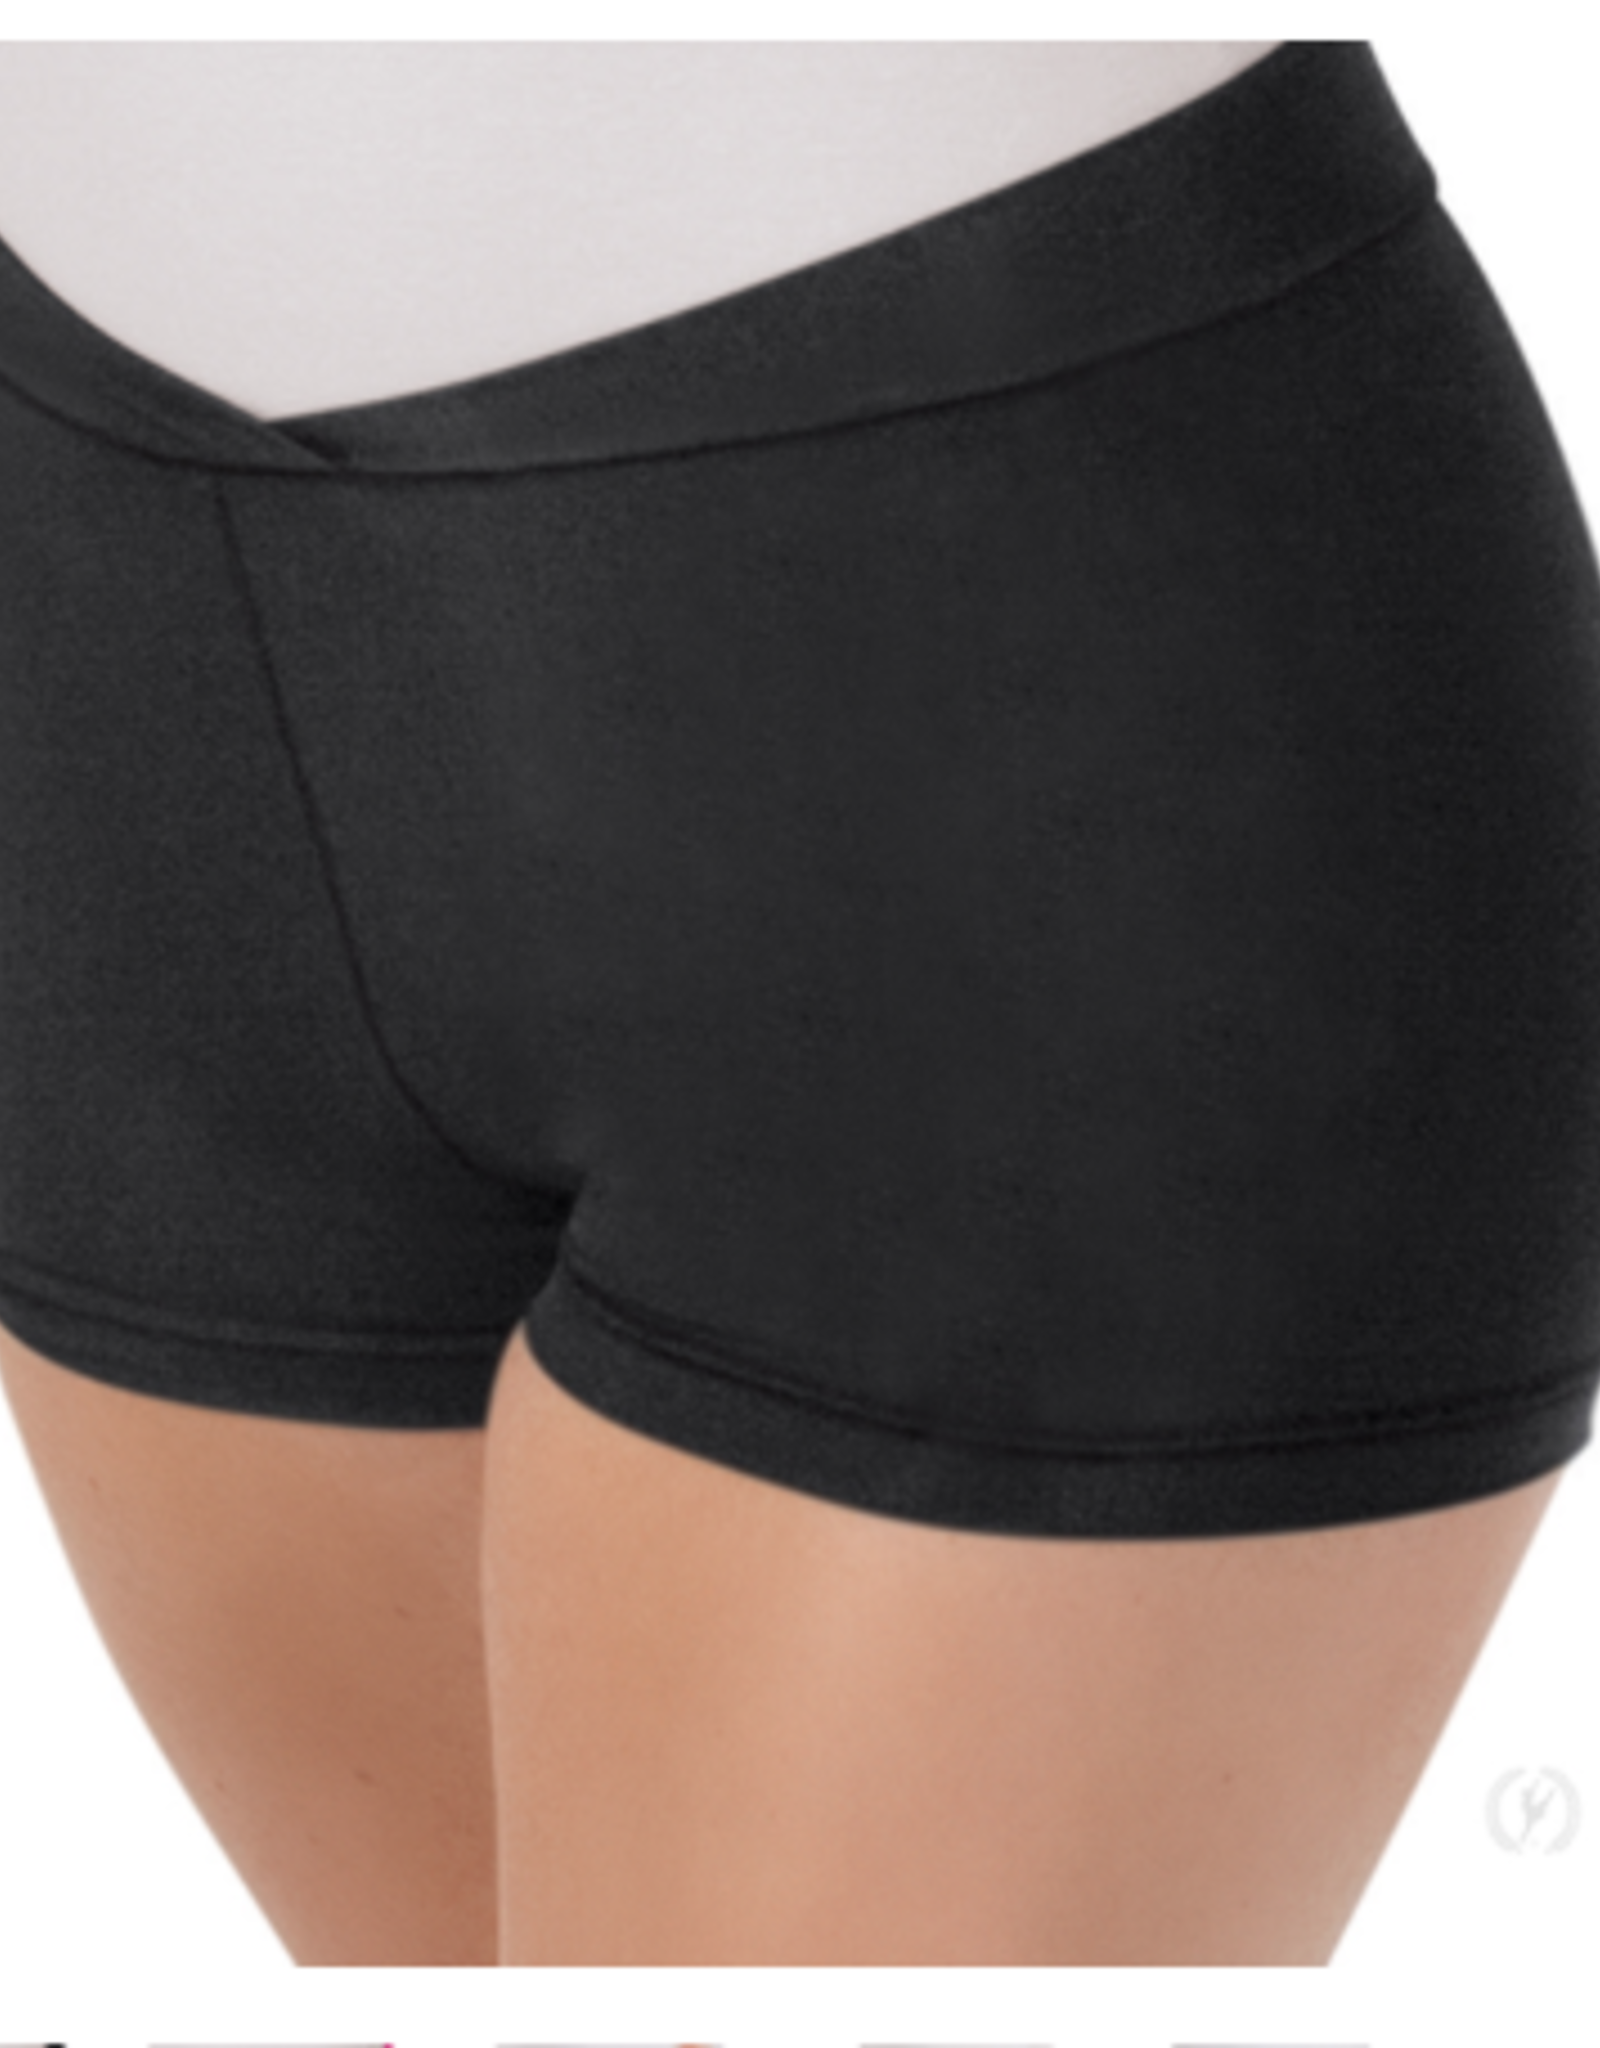 Eurotard 44754 Adult V Front Shorts